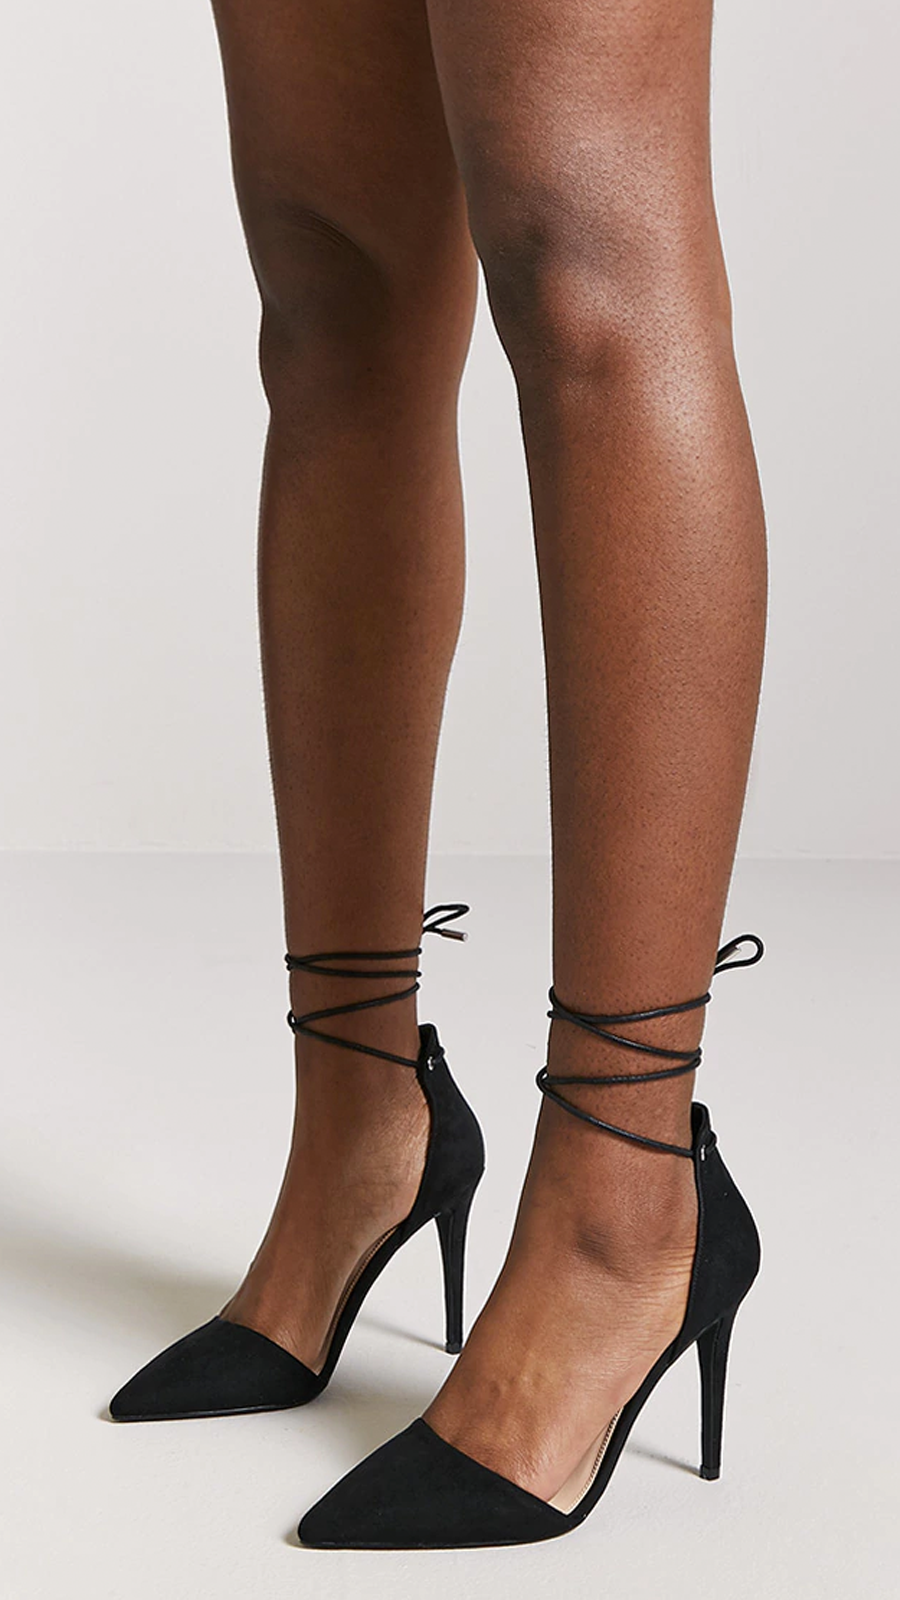 Zapatos de fiesta cómodos: 10 modelos que no te querrás quitar